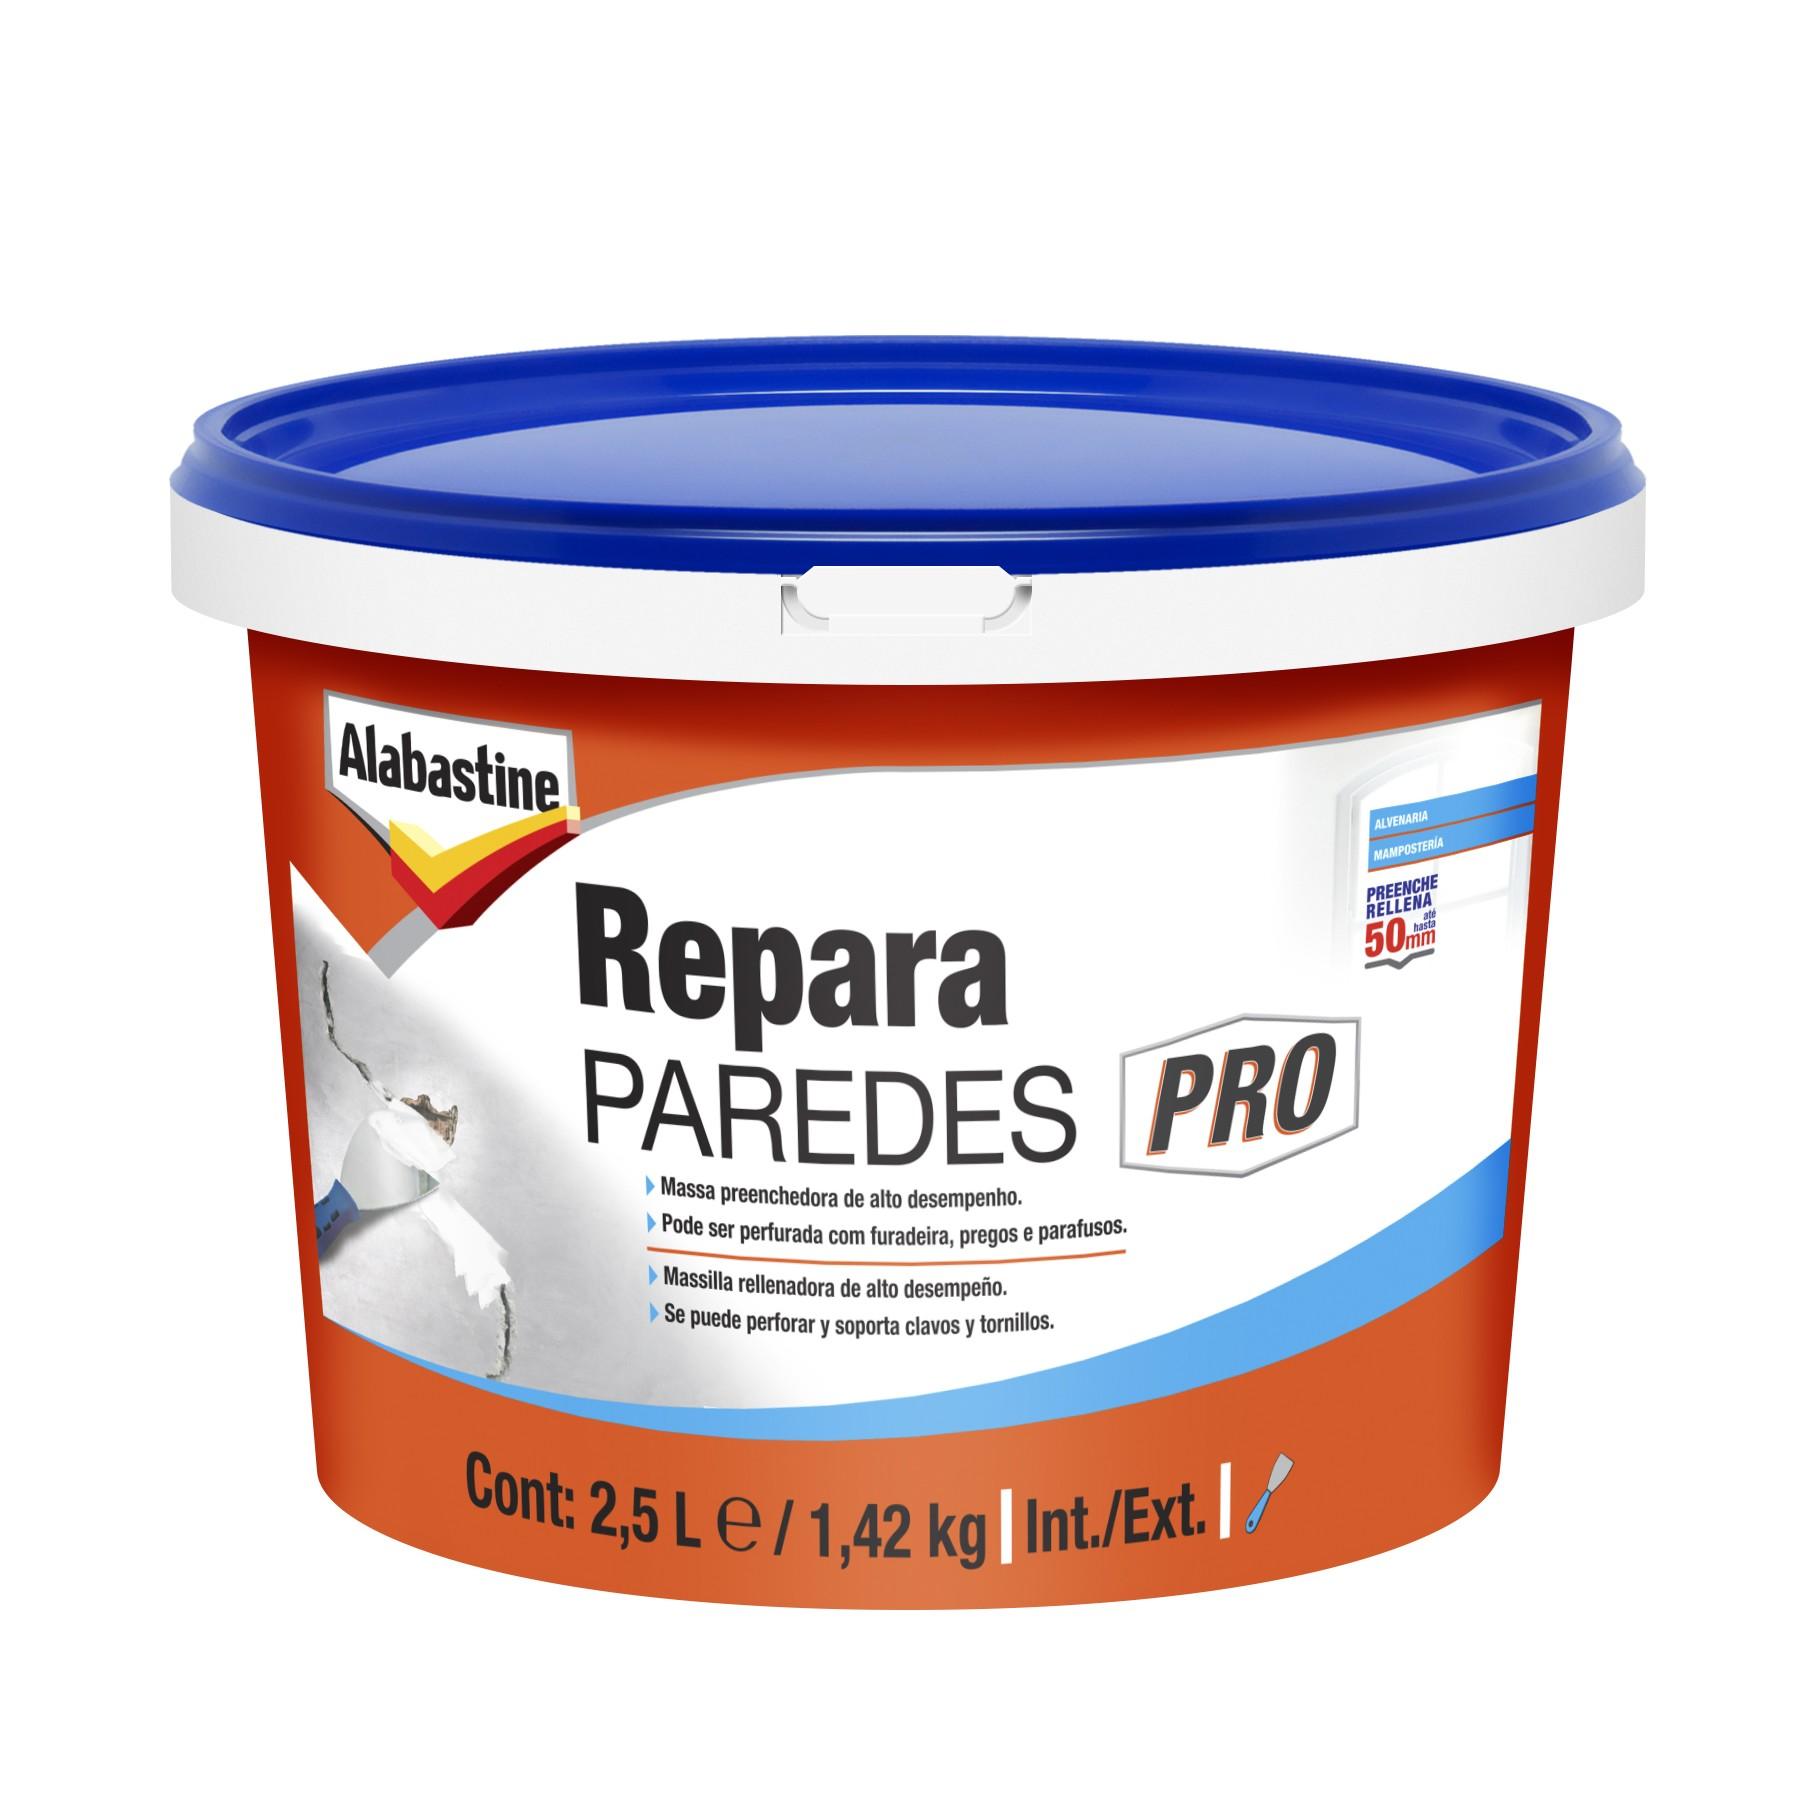 Repara Paredes Pro 142Kg - Alabastine